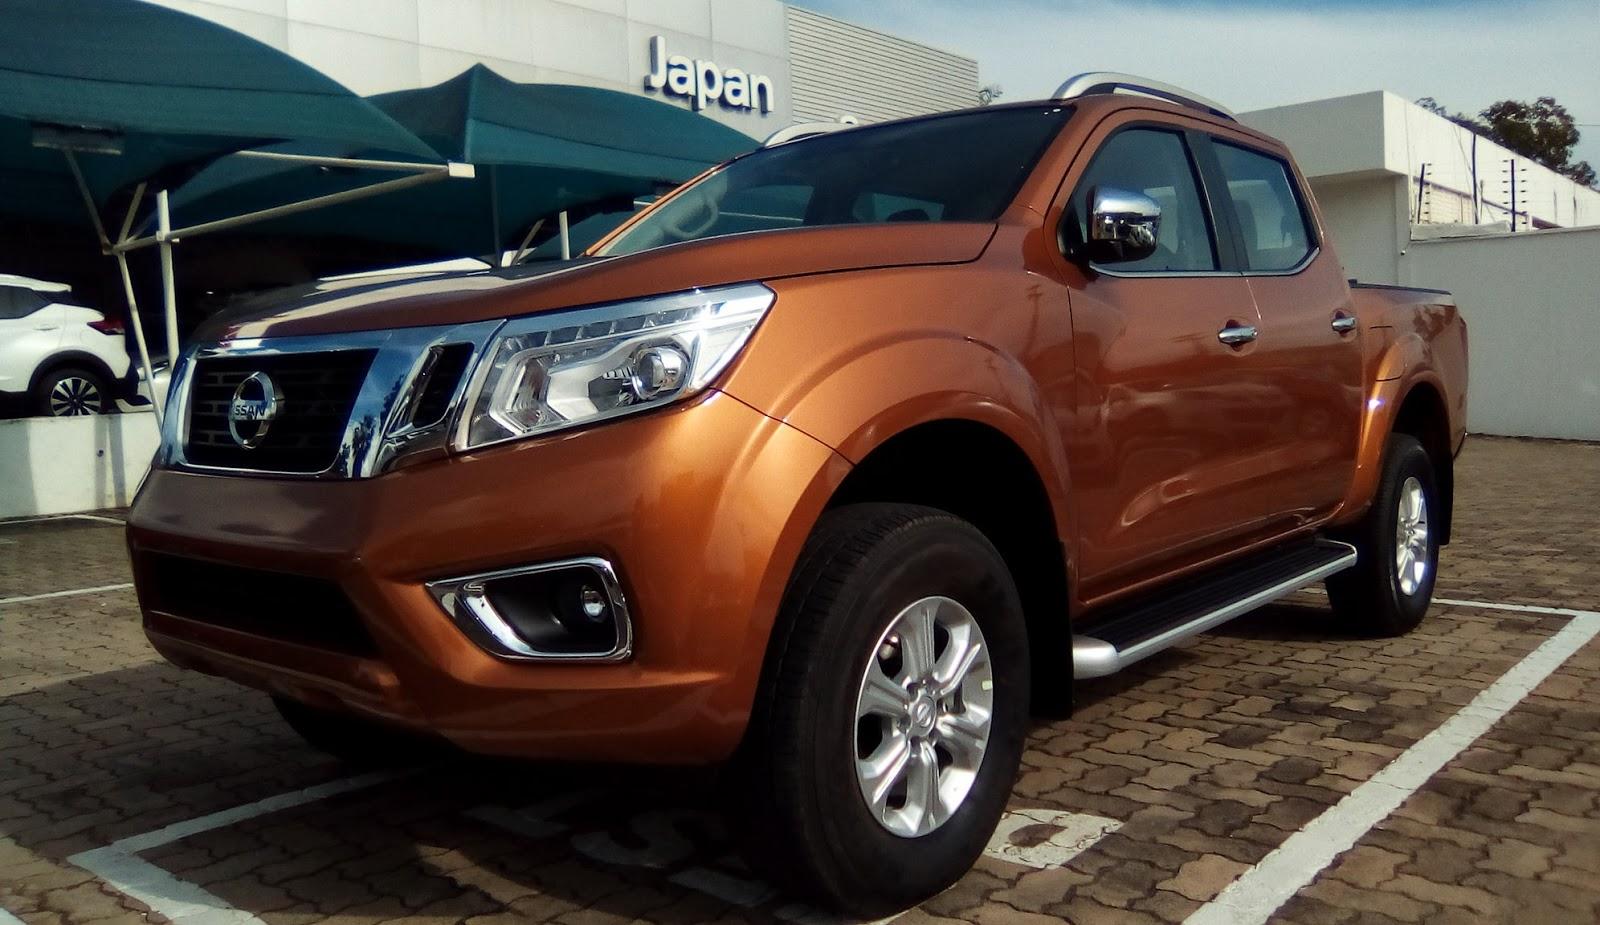 Confira as novidades e ofertas da linha Nissan na Japan Veículos neste mês de março